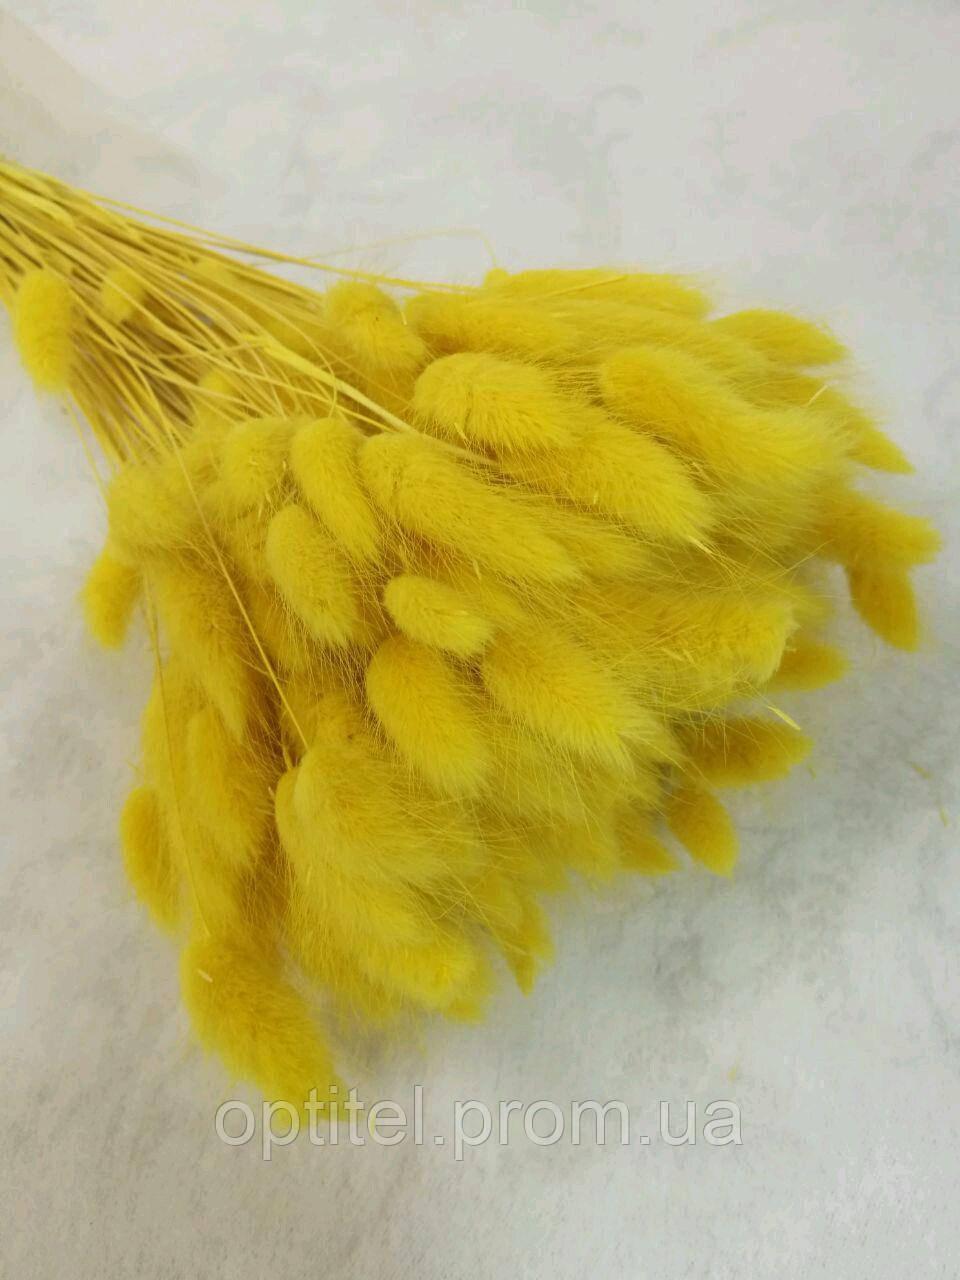 Лагурус (зайцехвост) желтый